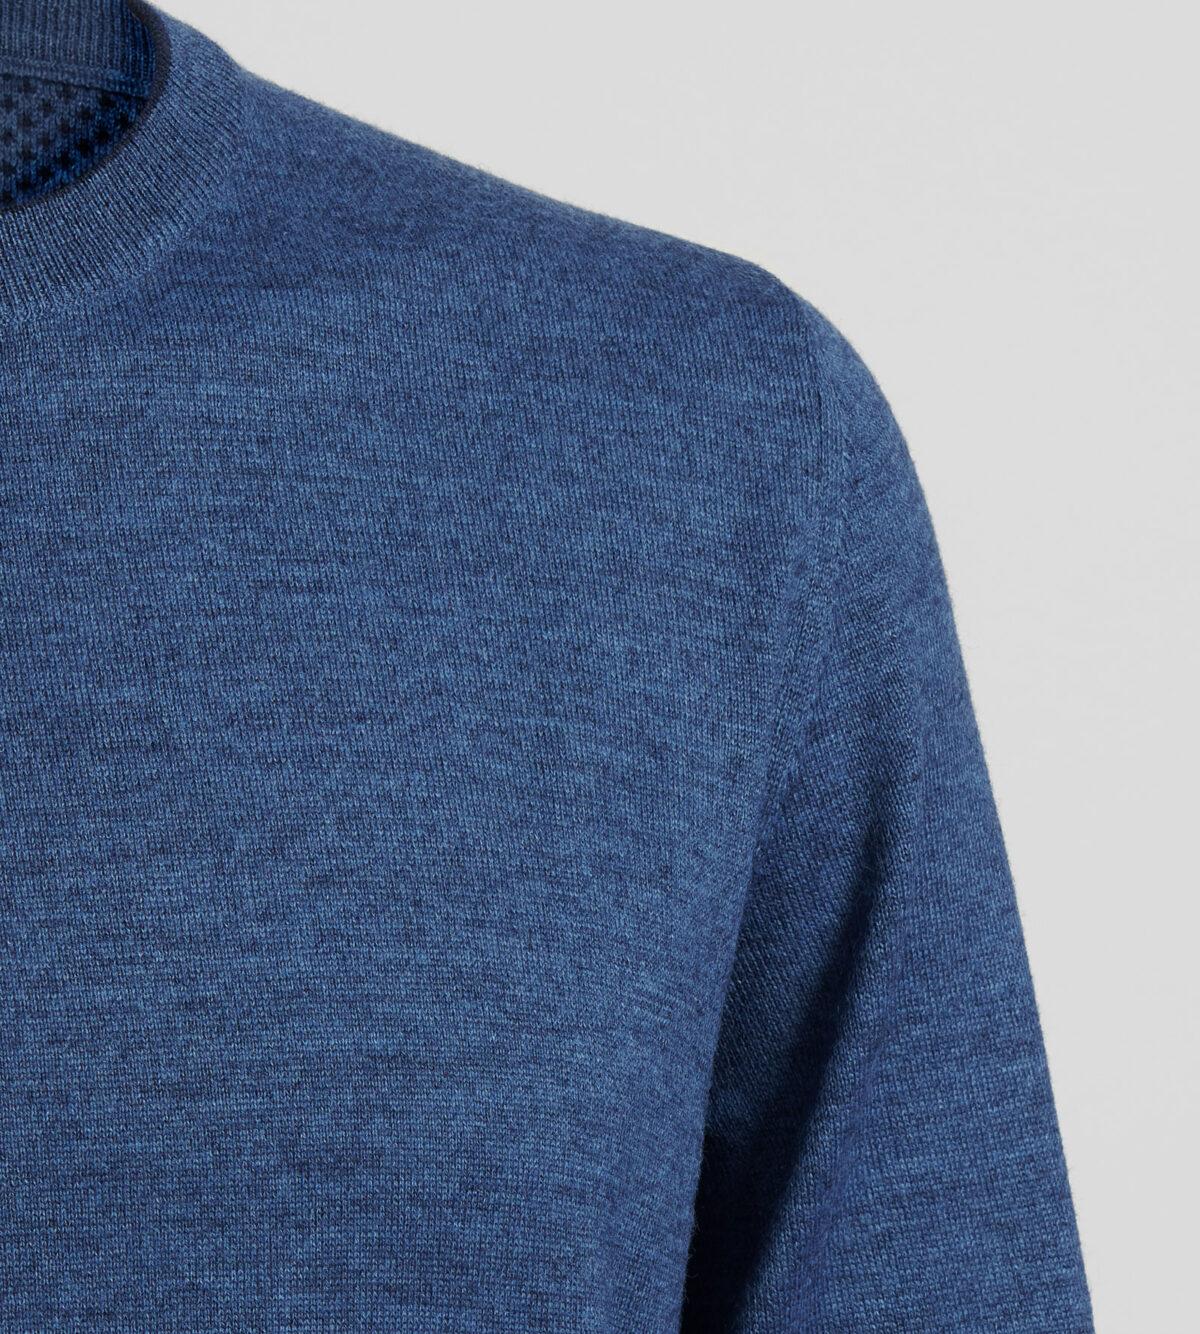 digel-kozepkek-modern-fit-kerek-nyaku-gyapju-pulover-faros1-1-1288009-22